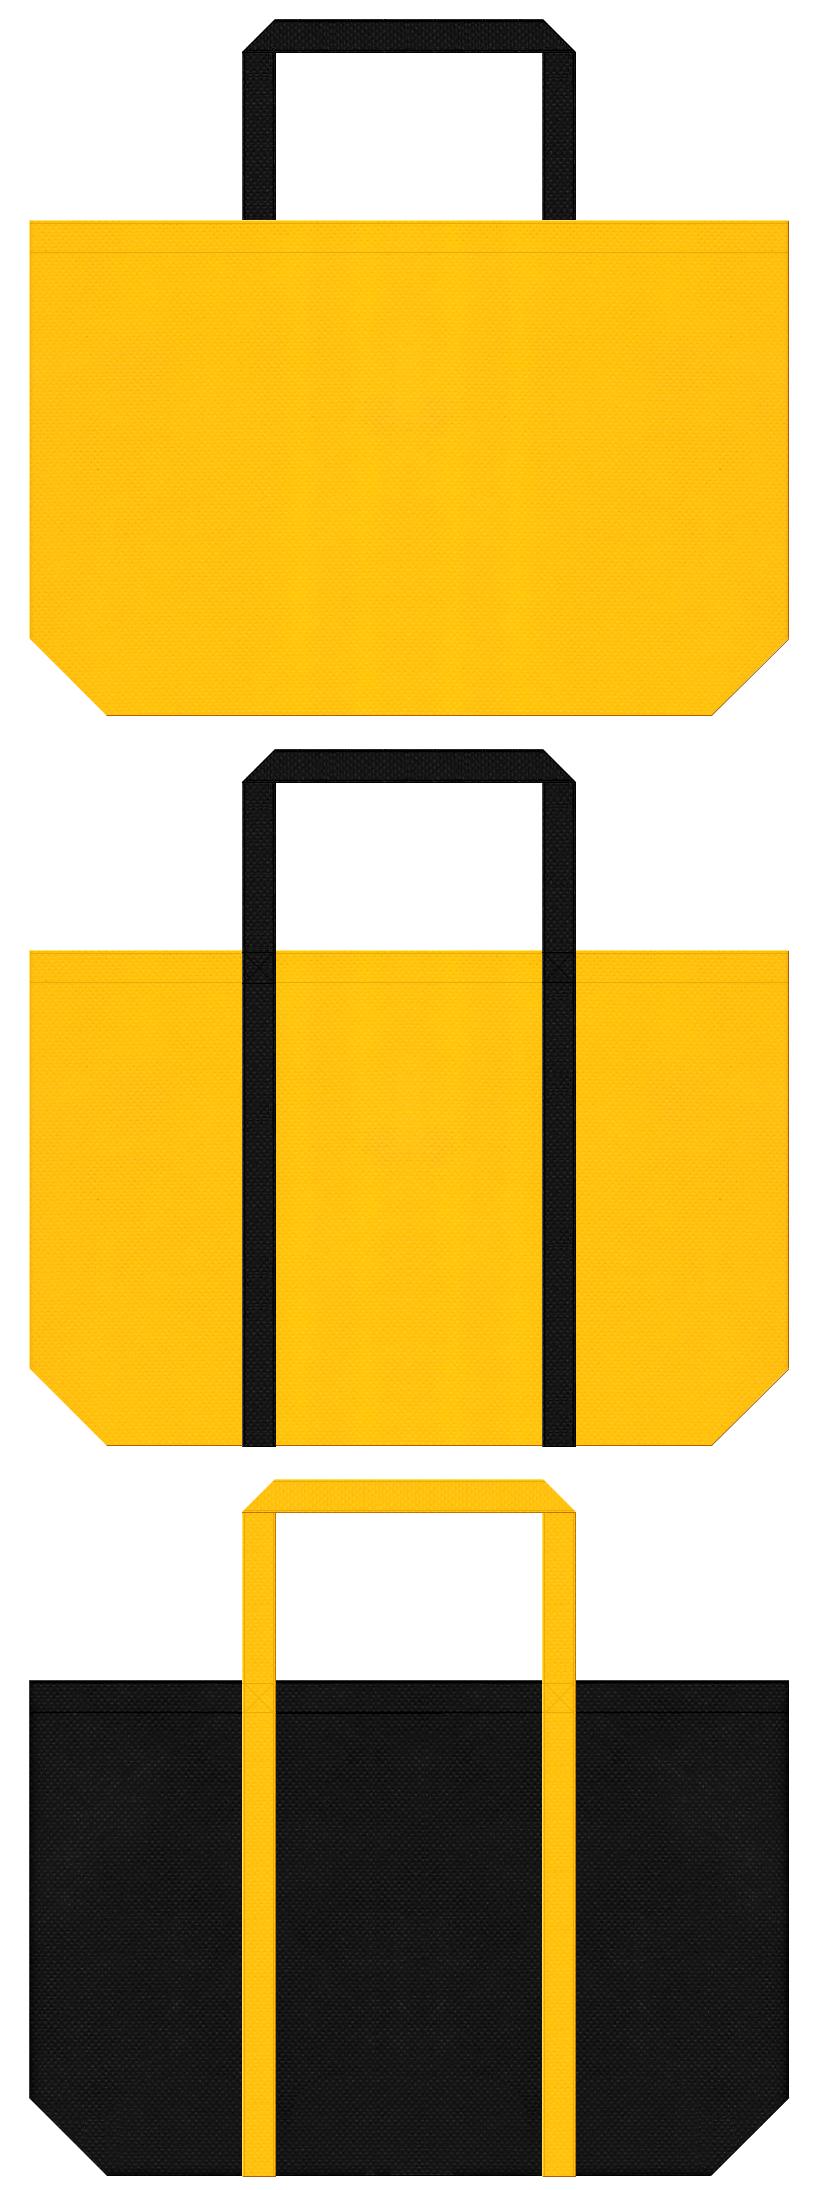 黄色と黒色の不織布バッグデザイン。工事・保安用品・安全用品のショッピングバッグにお奨めです。